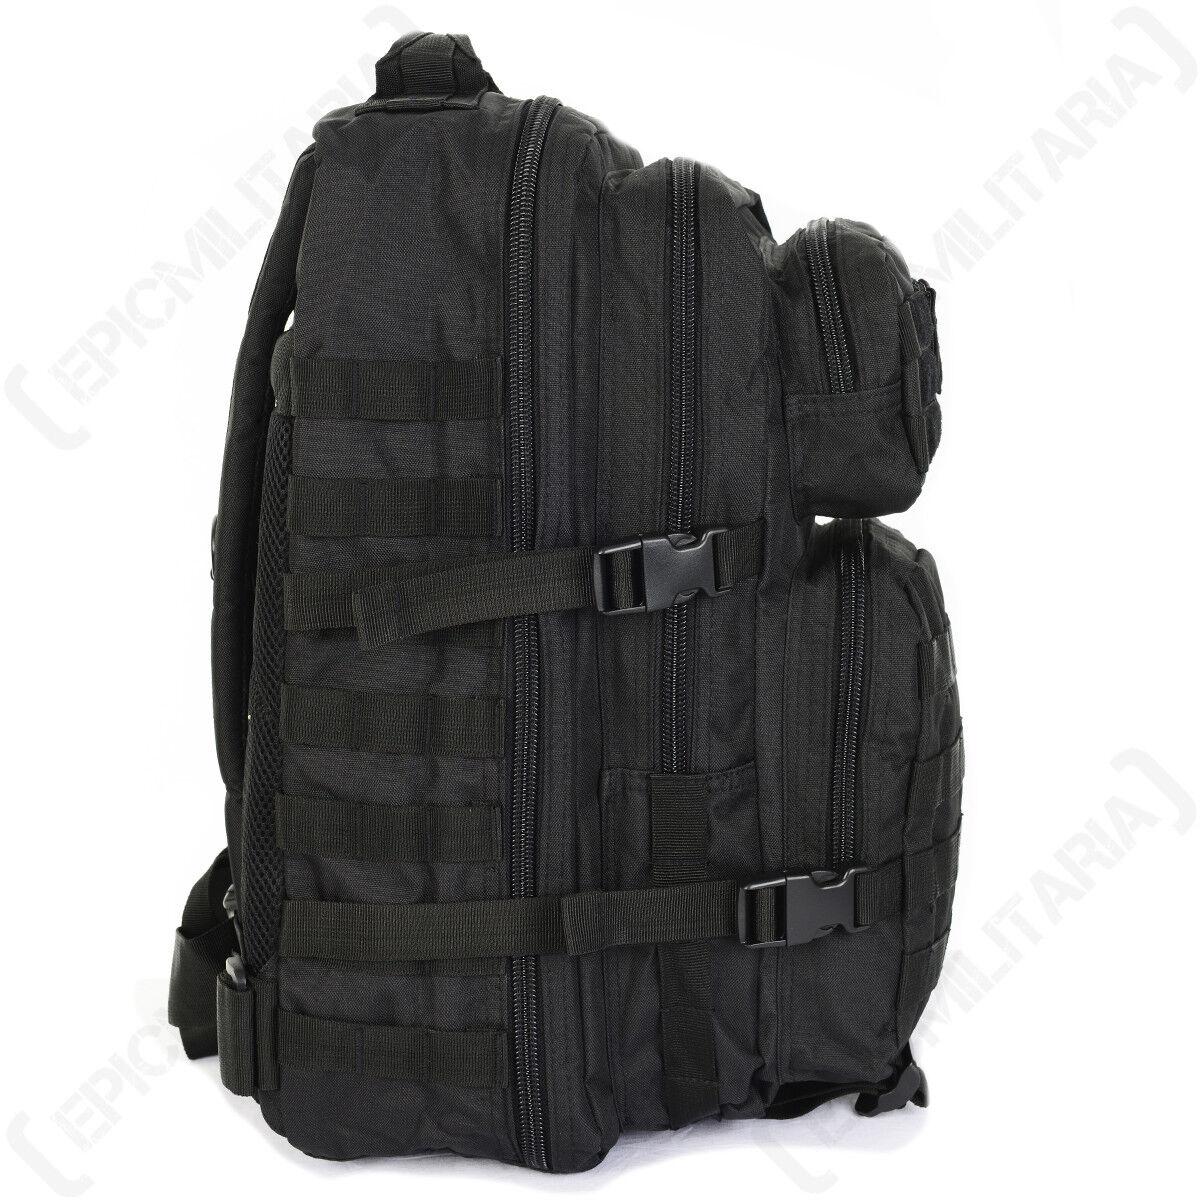 Negro Molle Asalto - Paquete Grande - Asalto Mochila Bolso 36L Militar Ejército Nuevo 085ea0